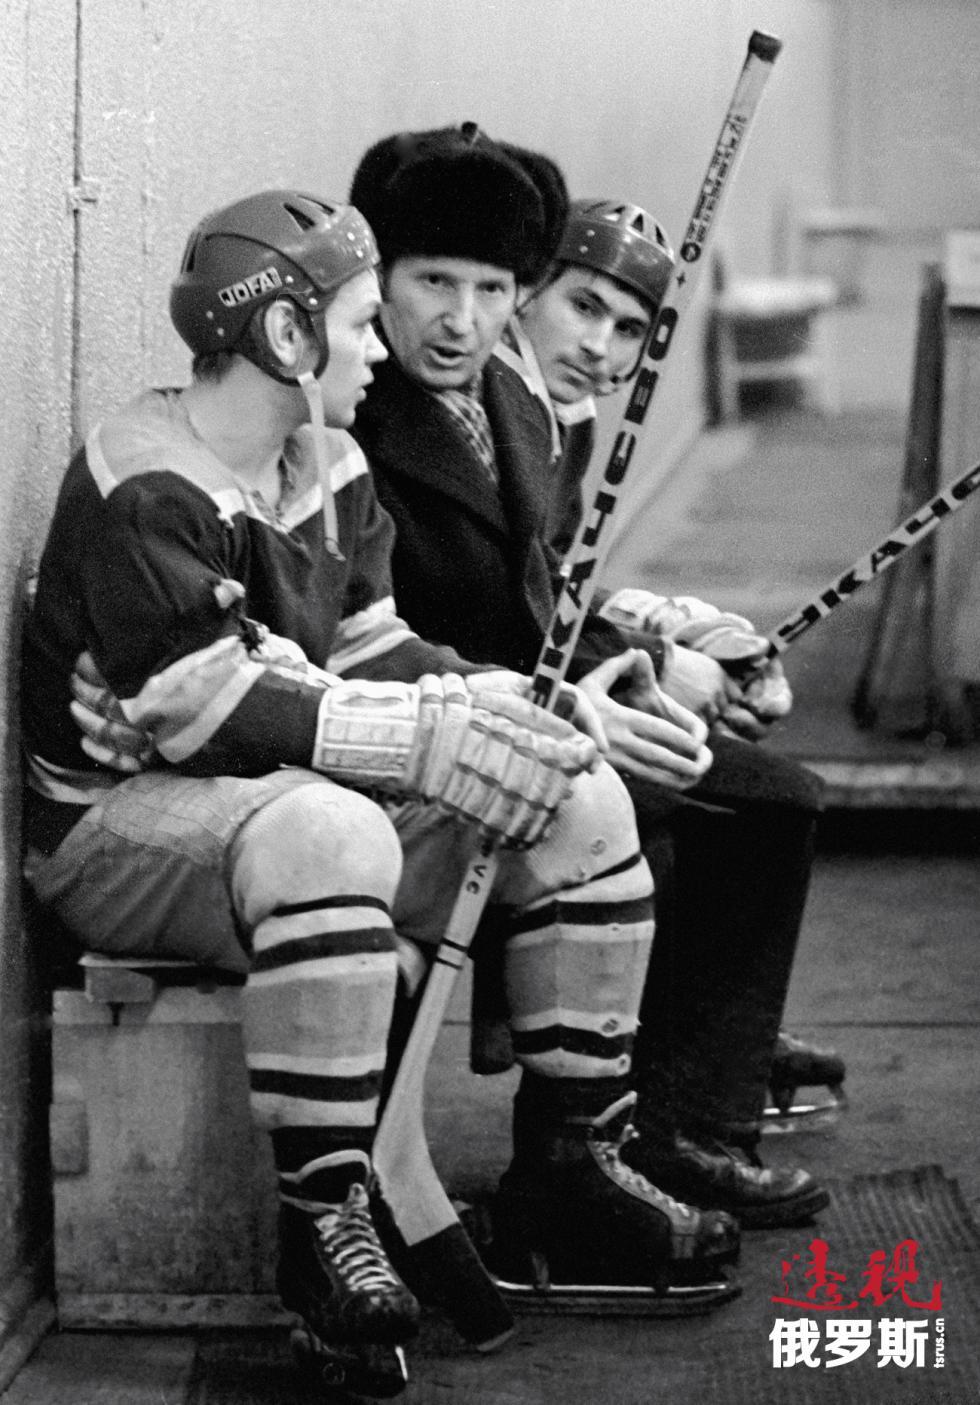 苏联冰球运动员维克托·舒瓦洛夫(中)。 图片来源:A. Solomonov / 俄新社